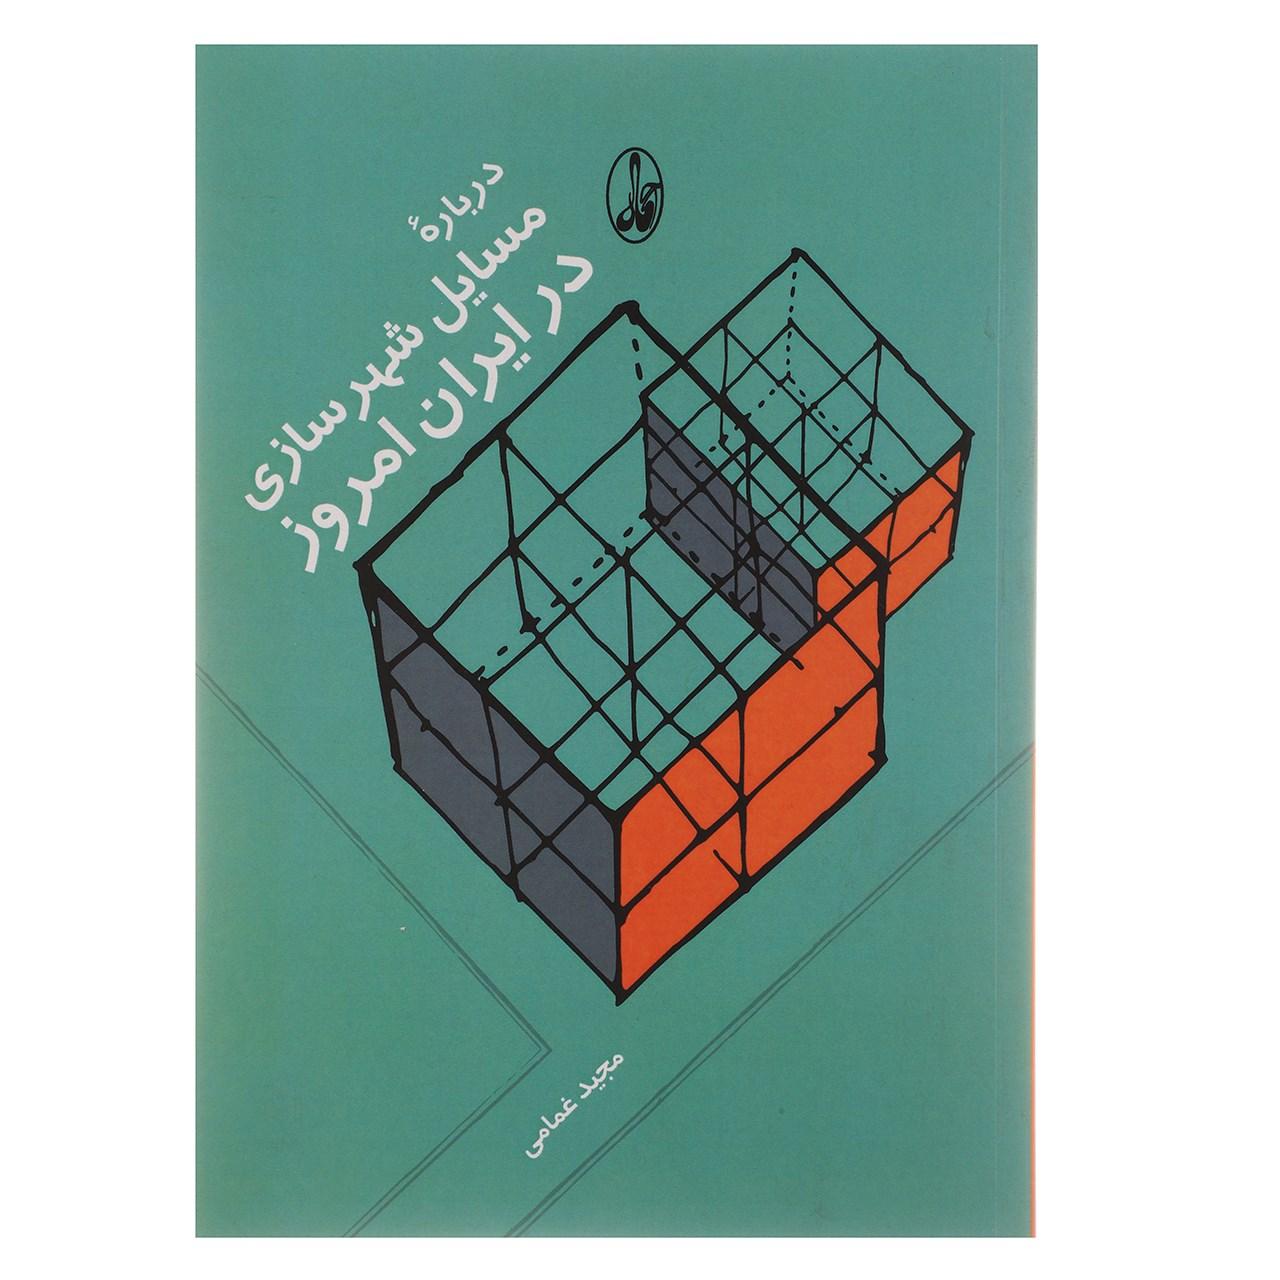 کتاب درباره مسائل شهرسازی در ایران امروز اثر مجید غمامی